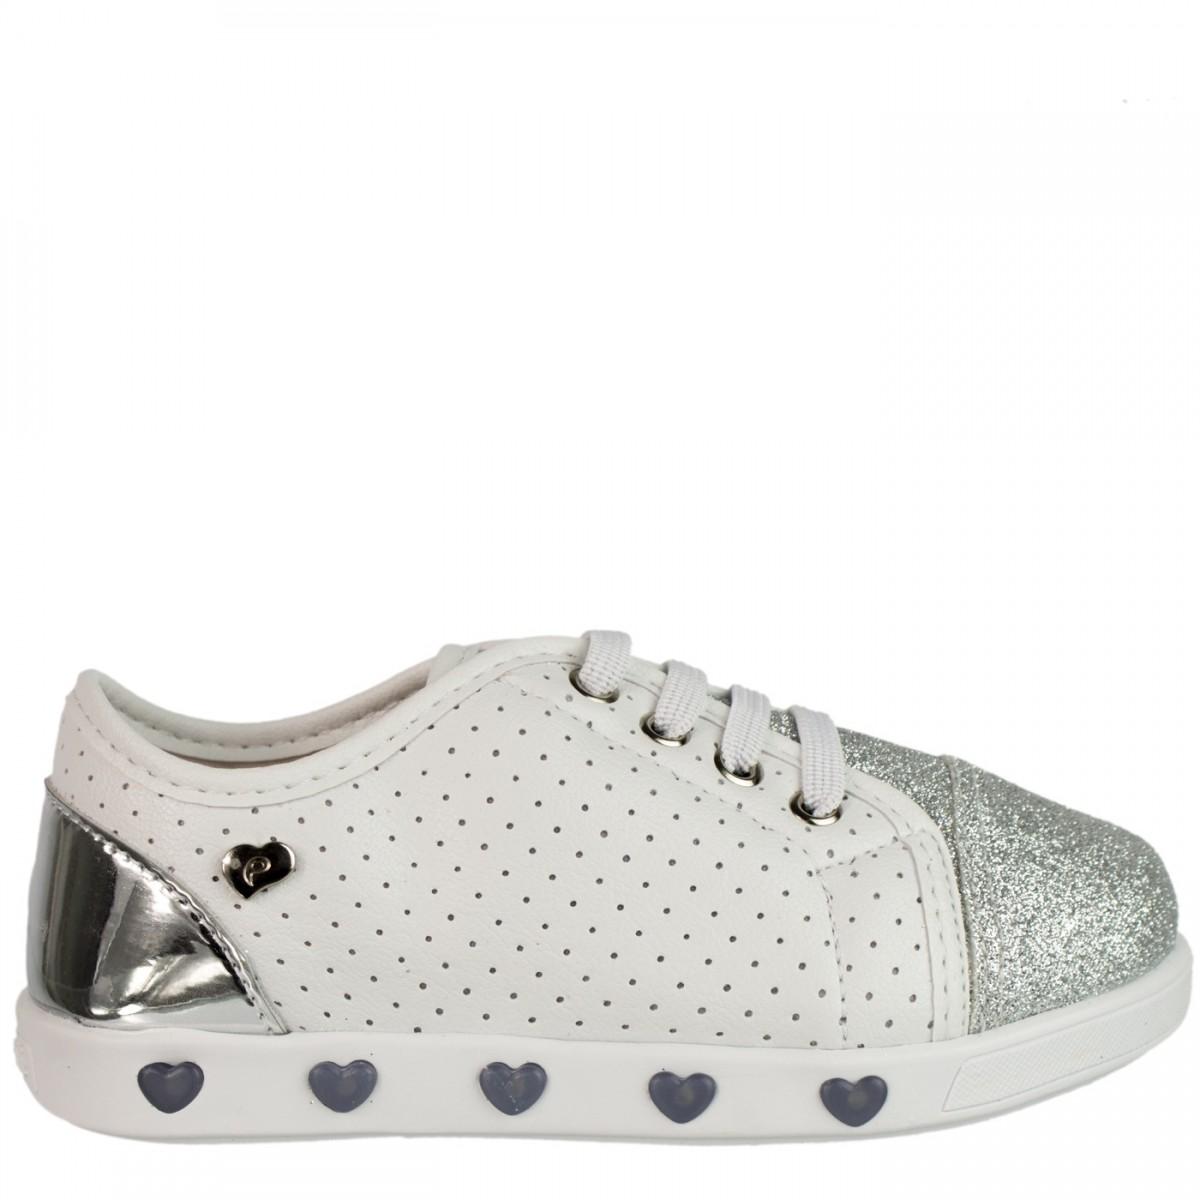 d5e8014c56 Bizz Store - Tênis Infantil Menina Pampili Sneaker Com Luzinha